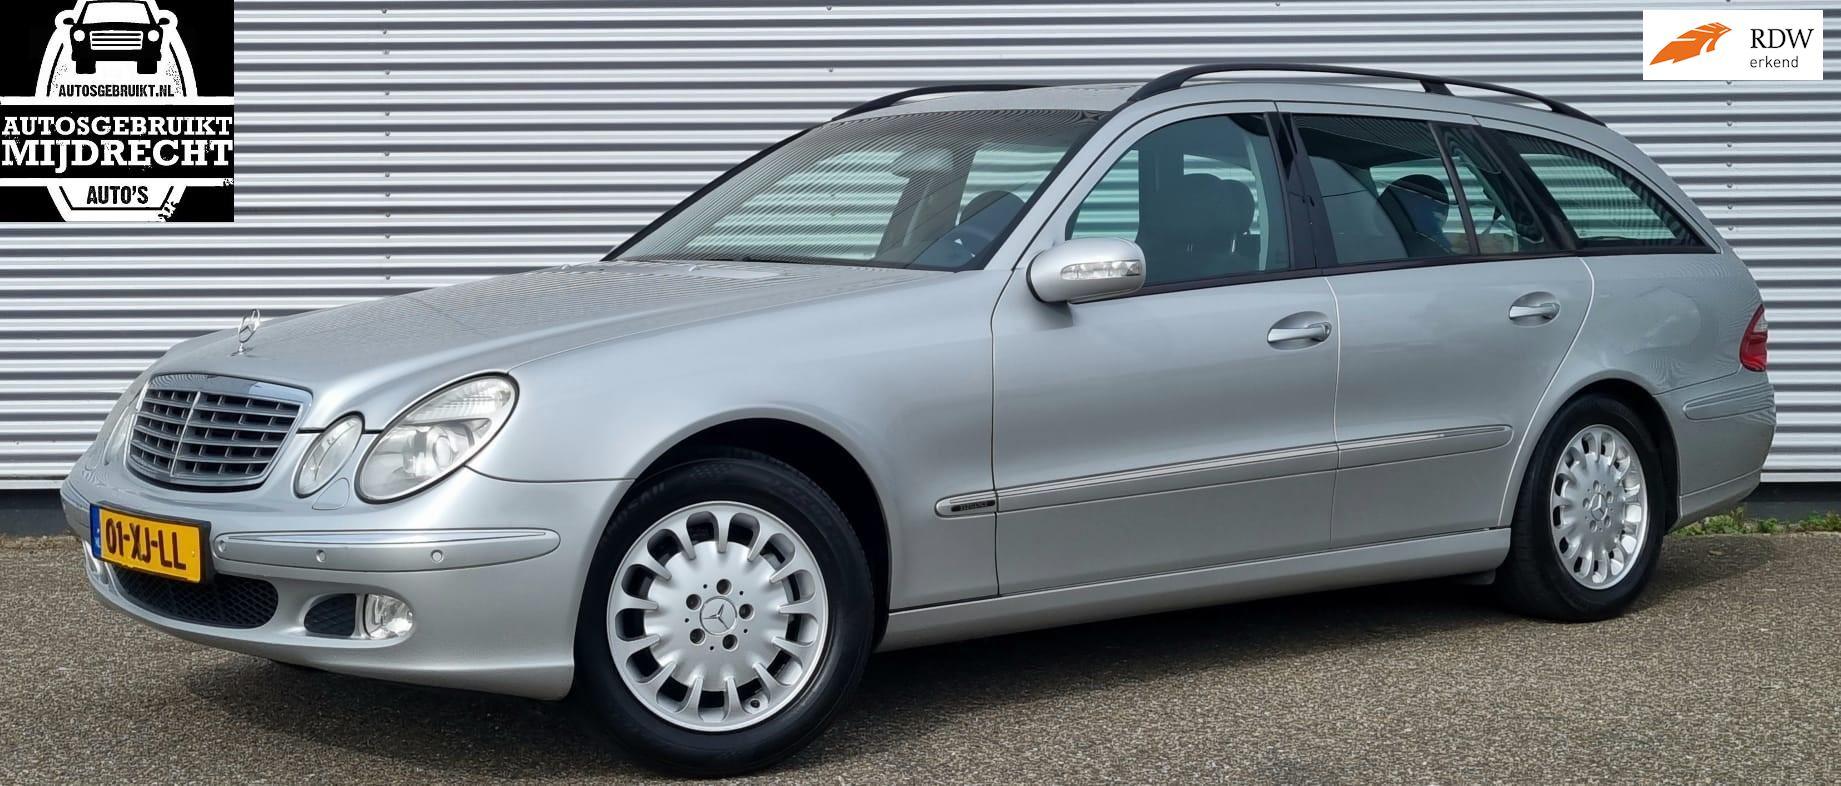 Mercedes-Benz E-klasse Combi occasion - Autosgebruikt Mijdrecht